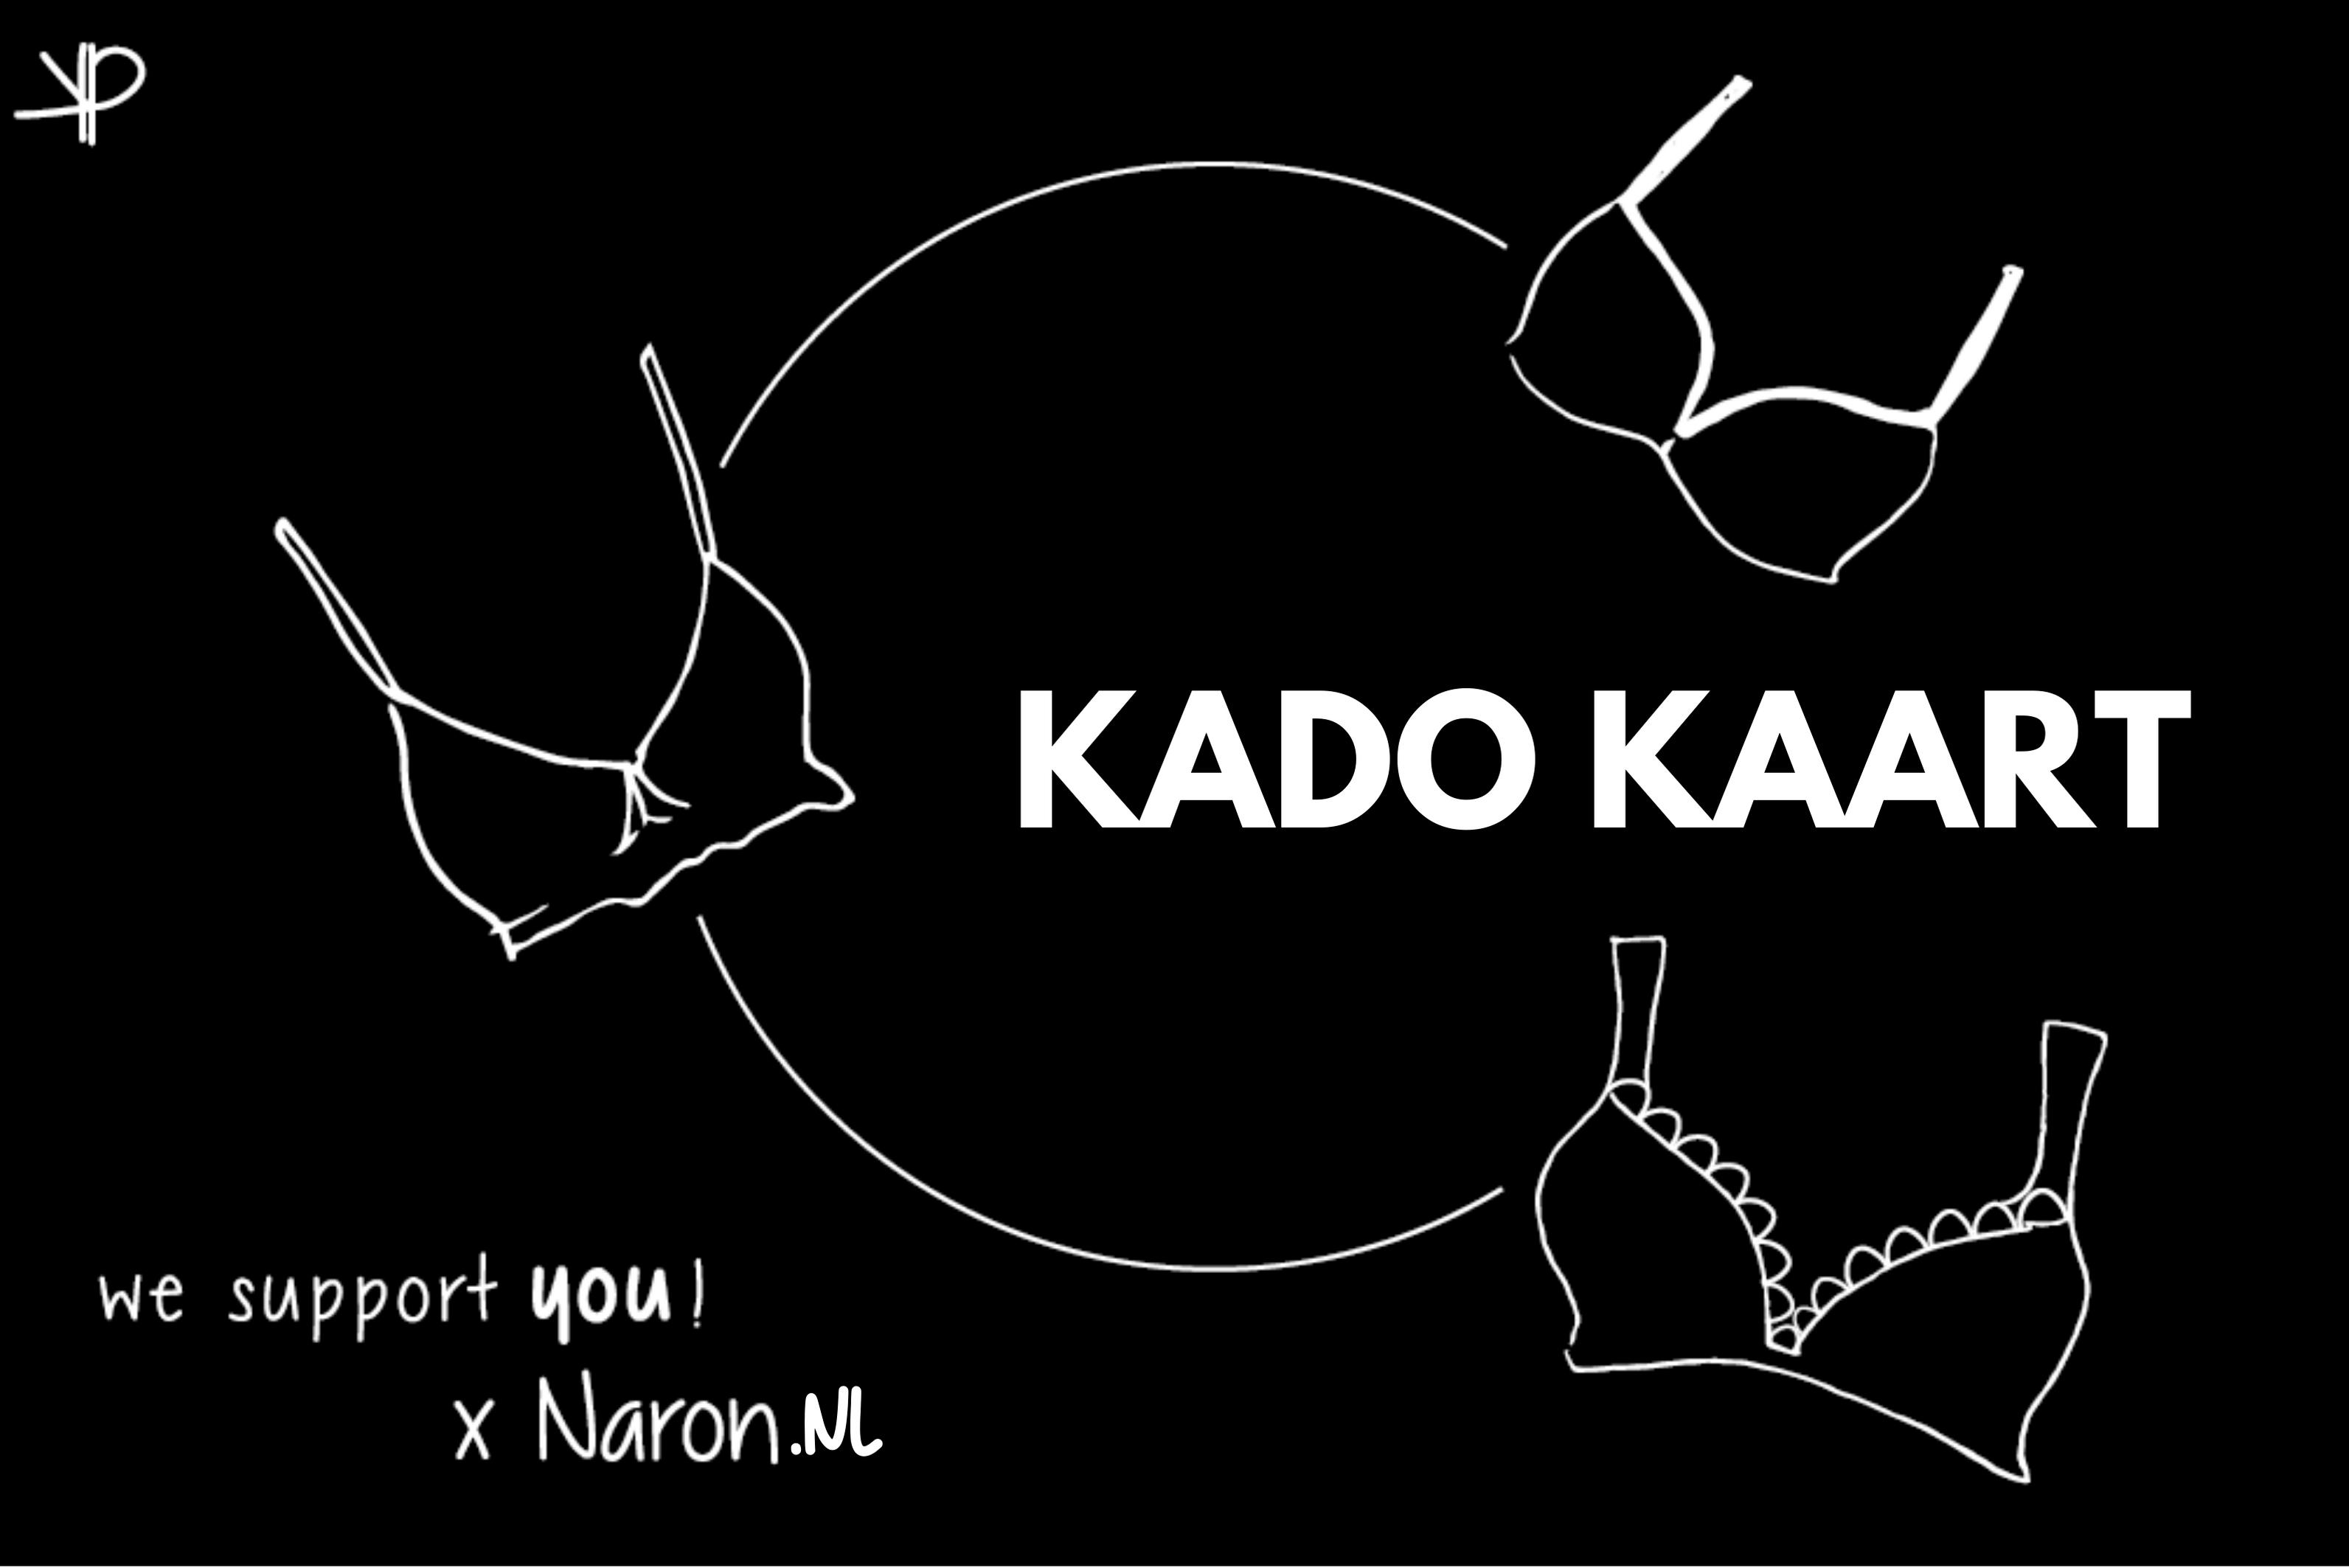 Naron Kado kaart €50 & €20 euro gratis naronnies actie grote maten lingerie en badkleding